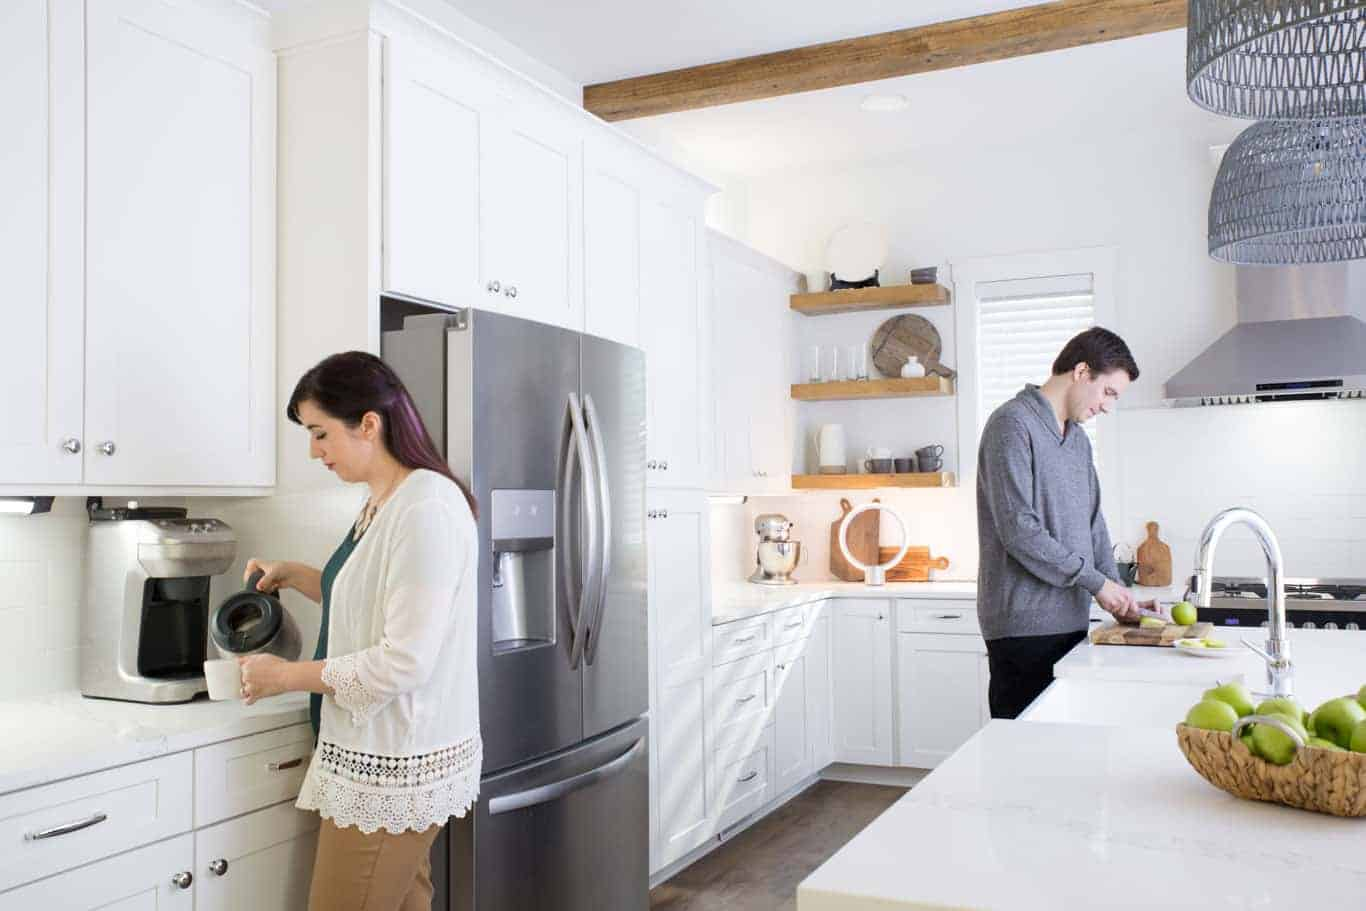 CbyGE Kitchen SolANDCelingMount2